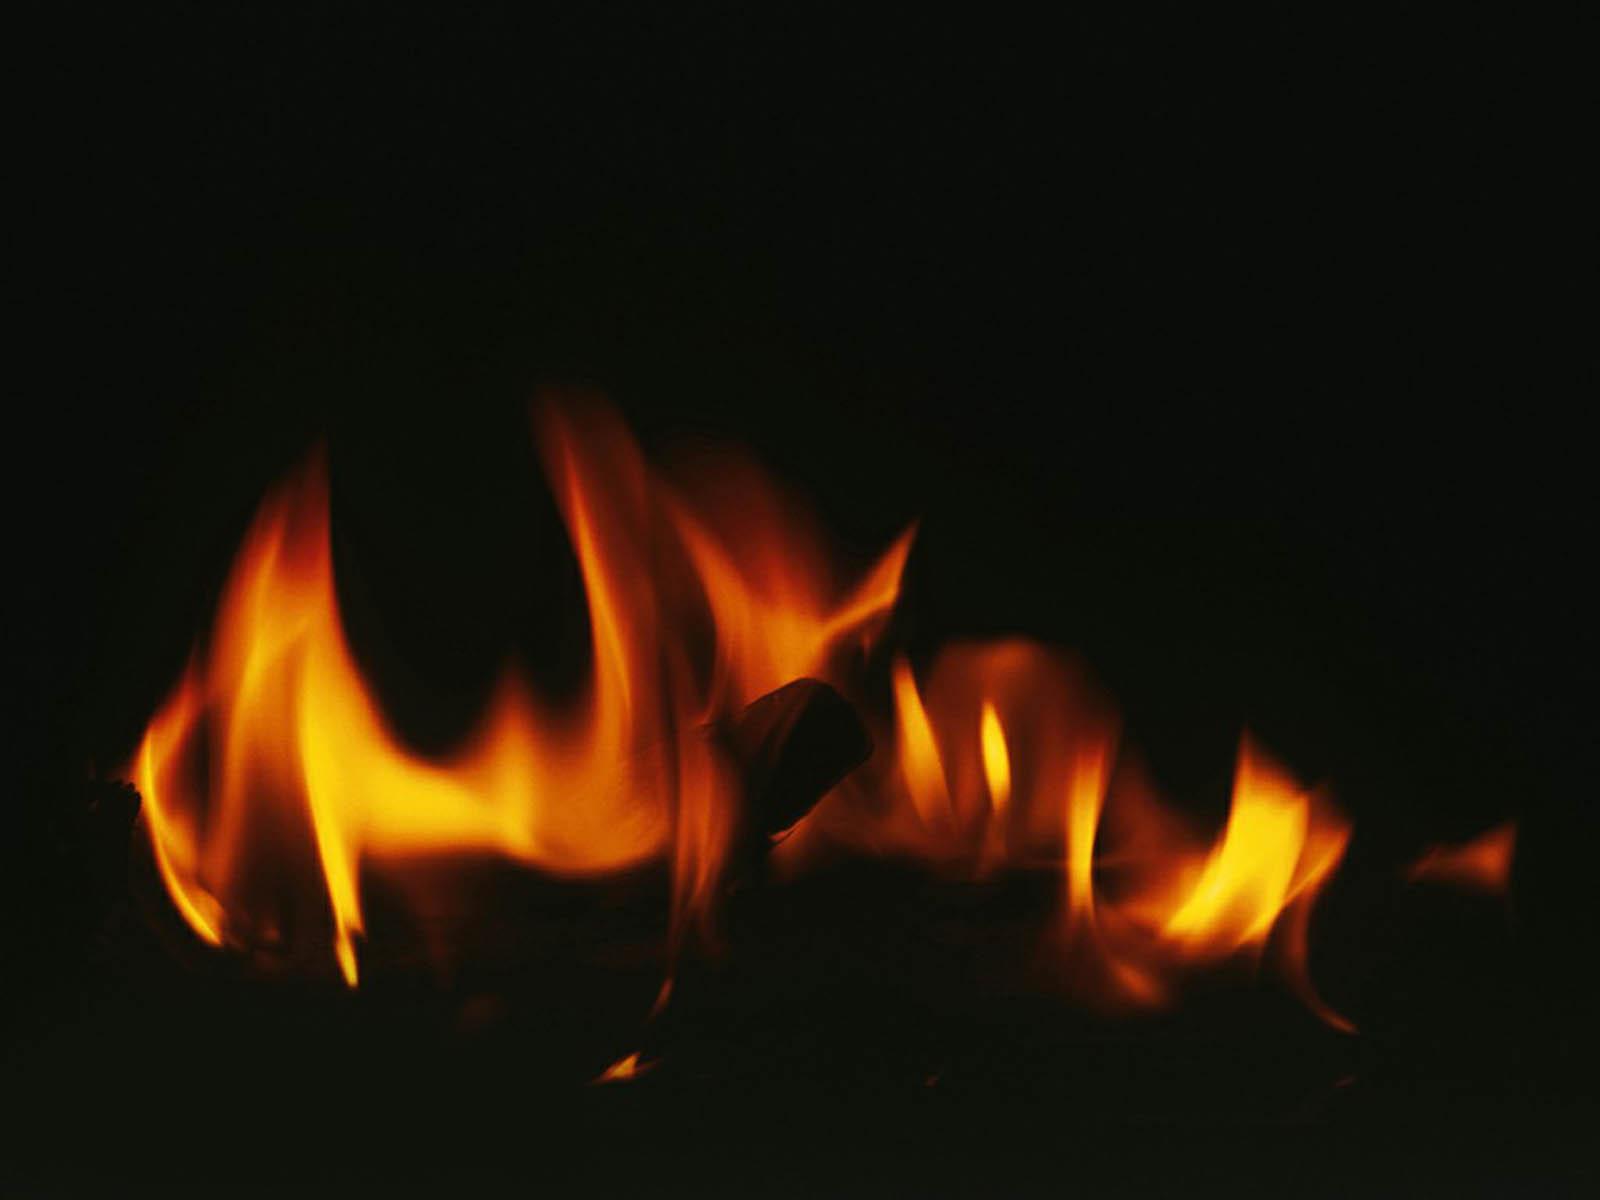 http://2.bp.blogspot.com/-TwPiZ-tB430/UFCpu6-a55I/AAAAAAAAJwY/EtvICnxJylQ/s1600/Fire+Wallpapers+8.jpg